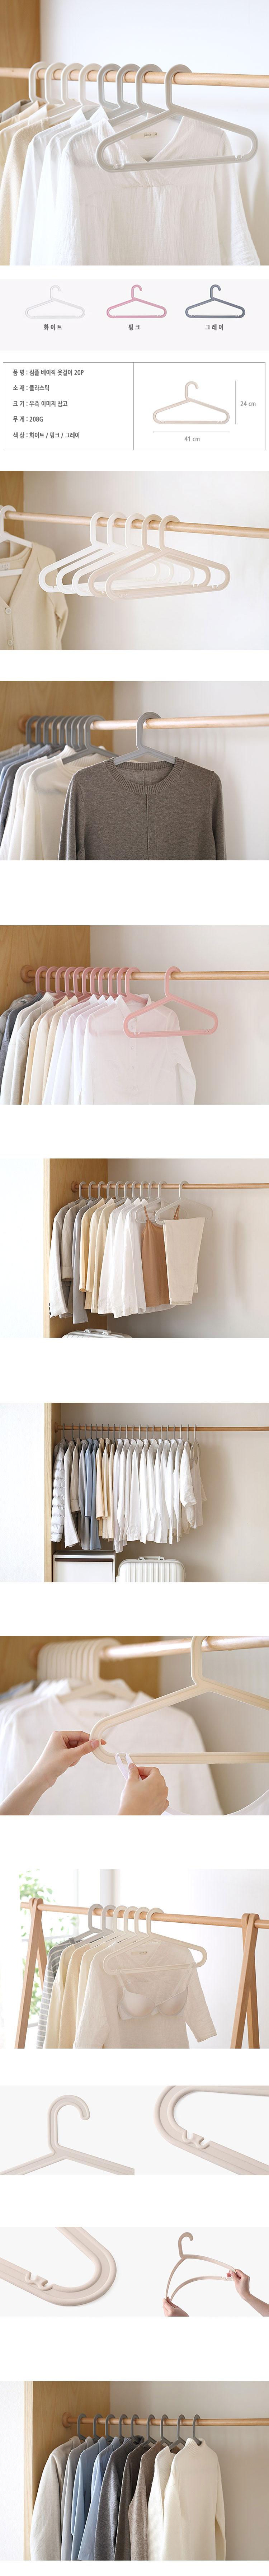 심플 베이직 옷걸이 20P - 연호디자인, 7,840원, 행거/드레스룸/옷걸이, 옷걸이/플라스틱